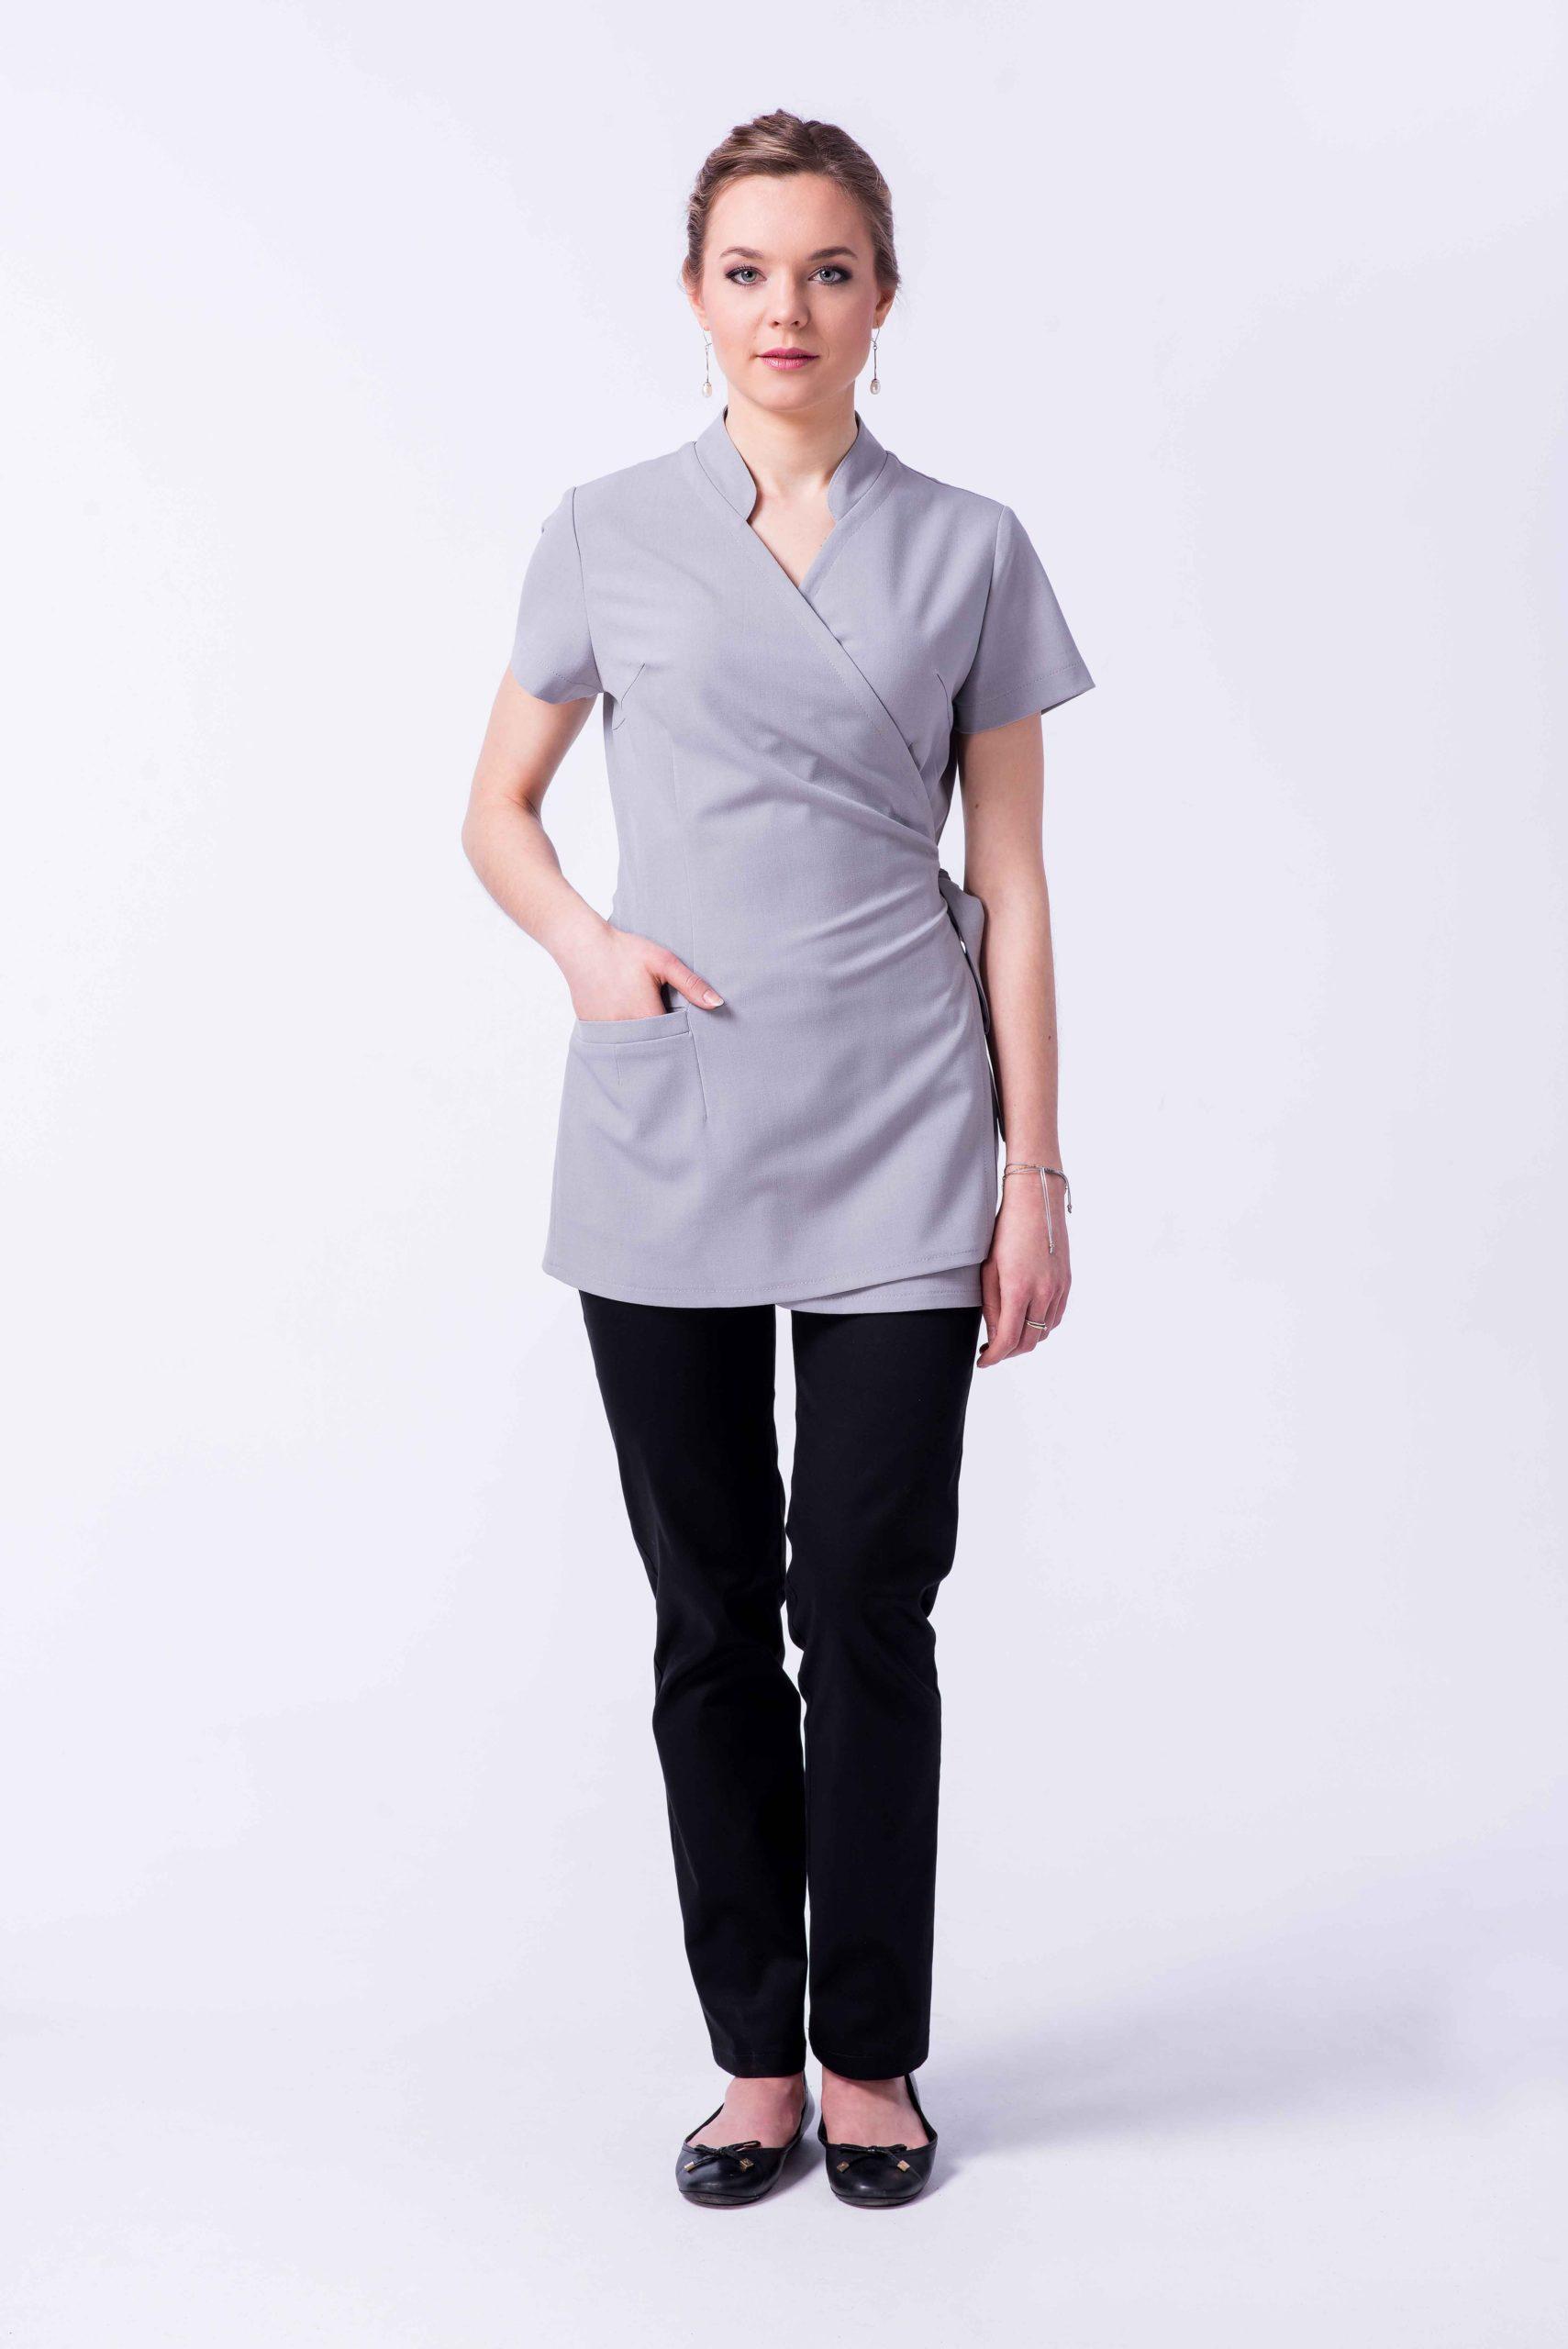 Tunika-odziez-SPA-pokojowka-hotelowa-uniform